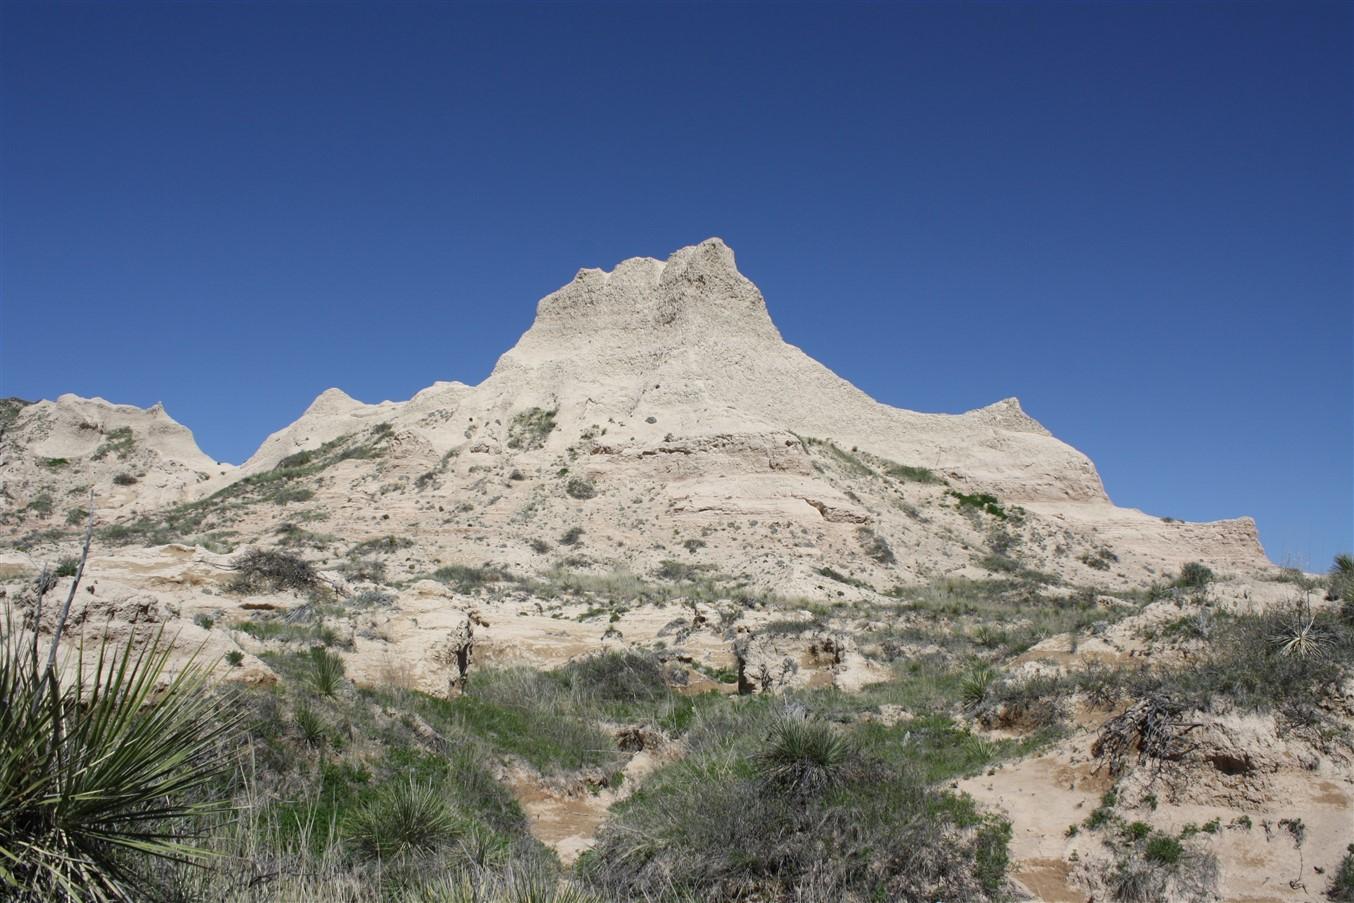 2010 05 23 Colorado 14 Pawnee Bluffs.jpg